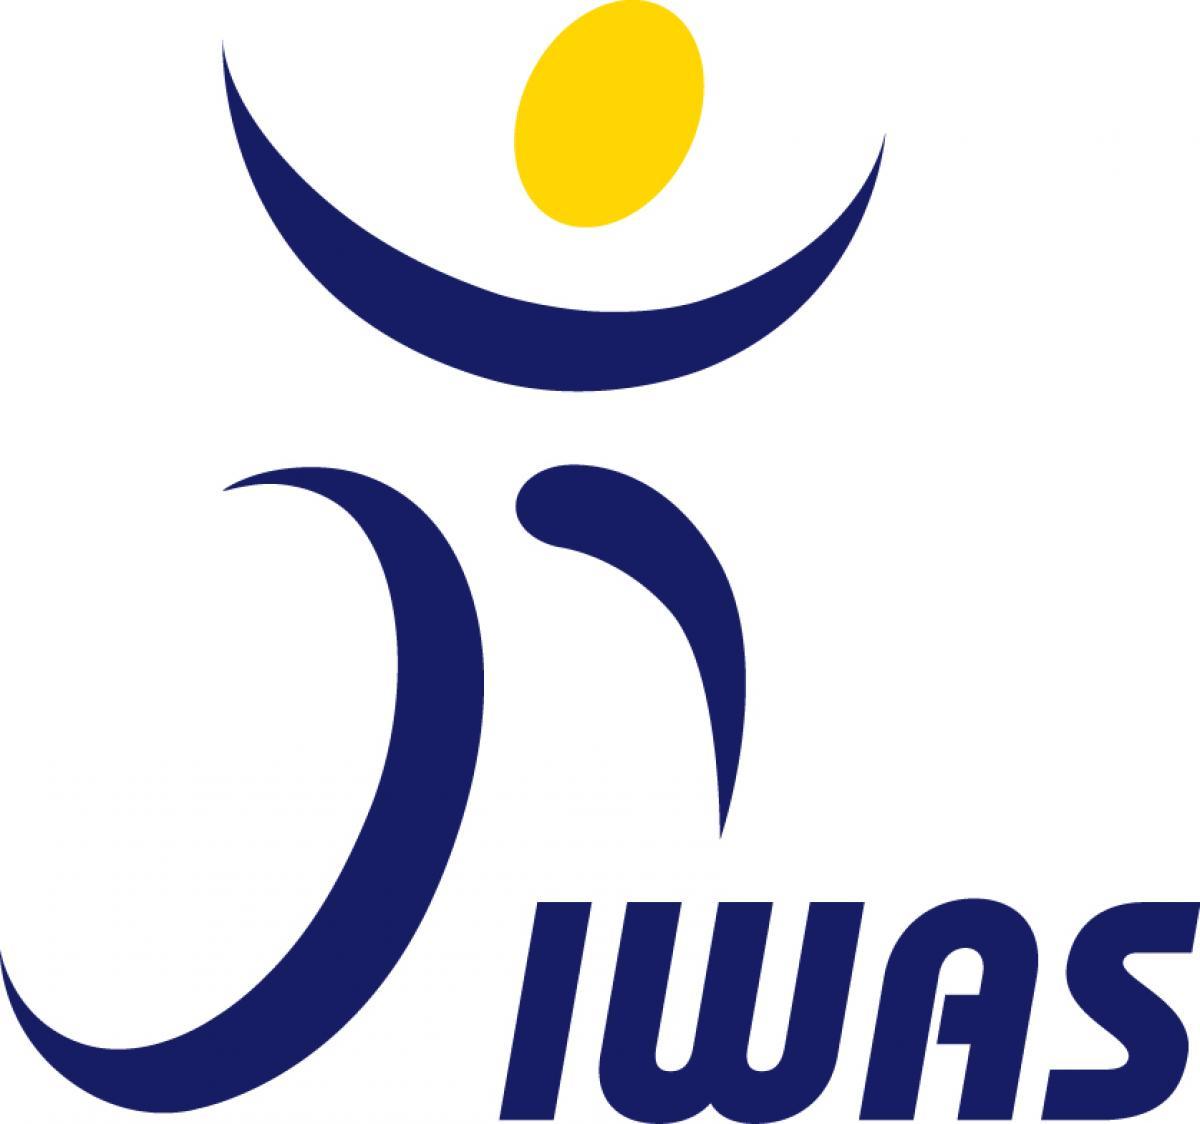 П.А. Рожков, президент IWAS Руди Ван дель Аббееле и исполнительный директор IWAS Шармейн Хупер в режиме онлайн-связи обсудили вопросы влияния коронавирусной инфекции на паралимпийский спорт